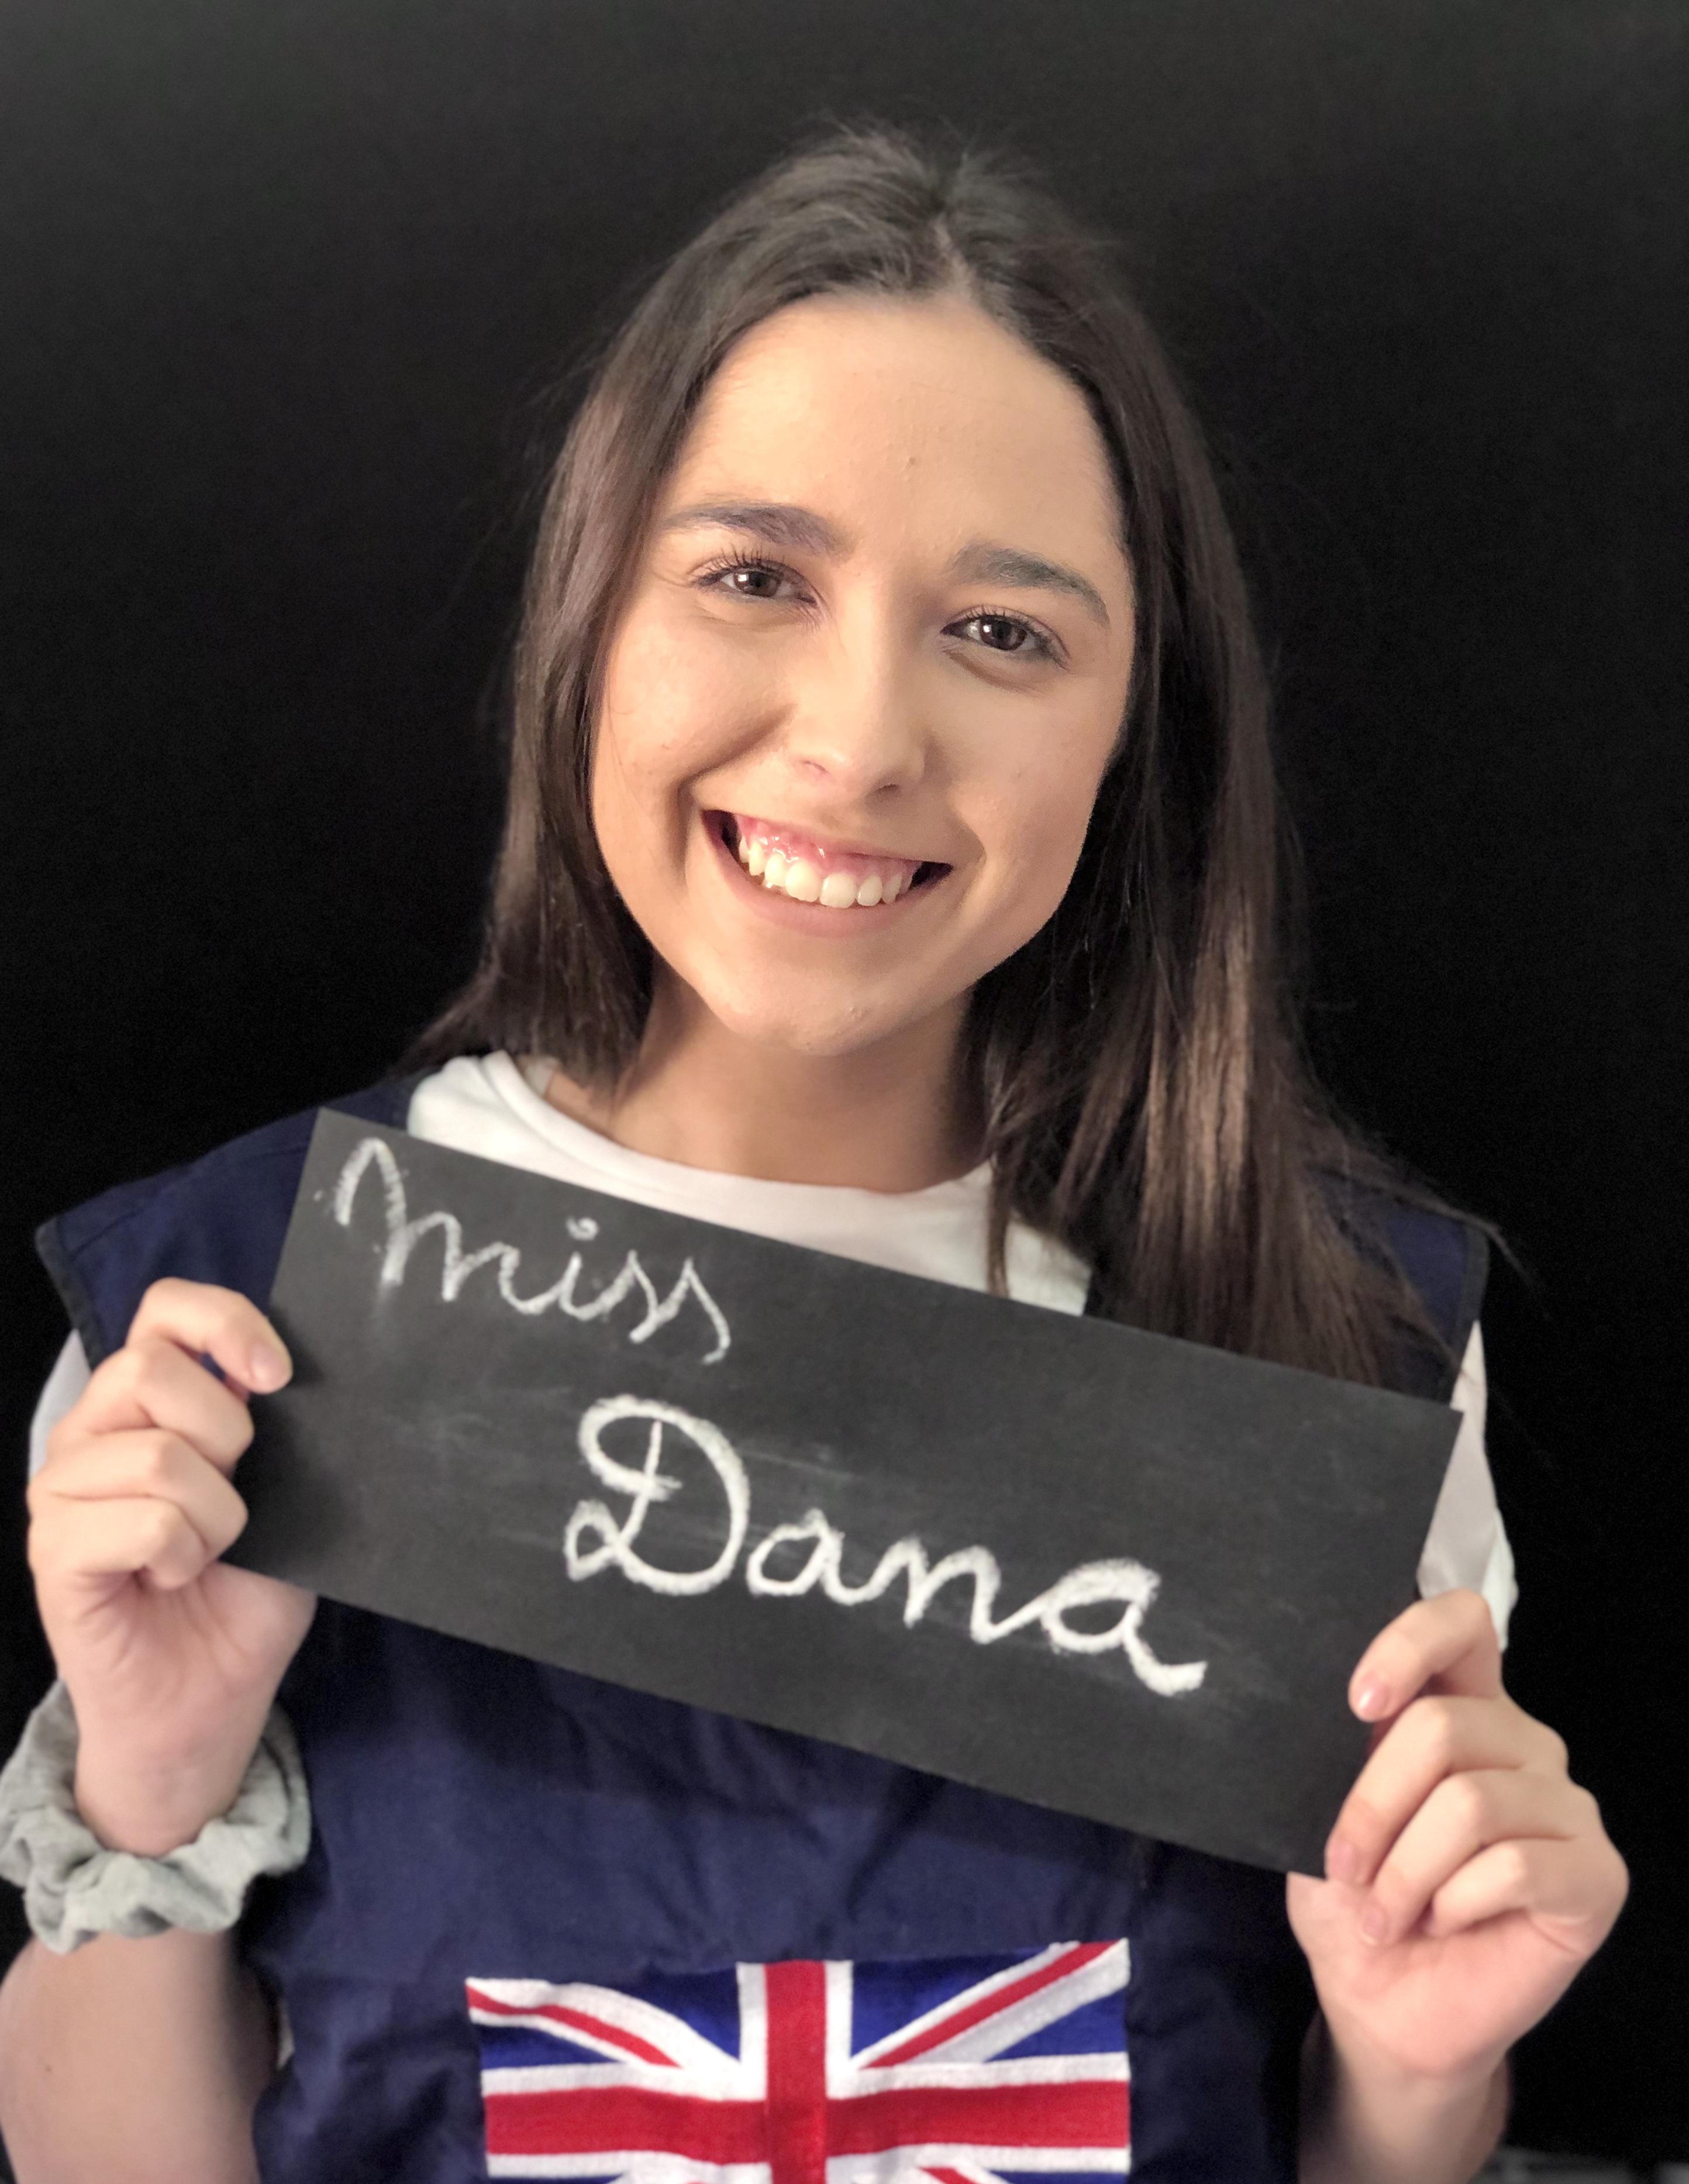 Miss Dana